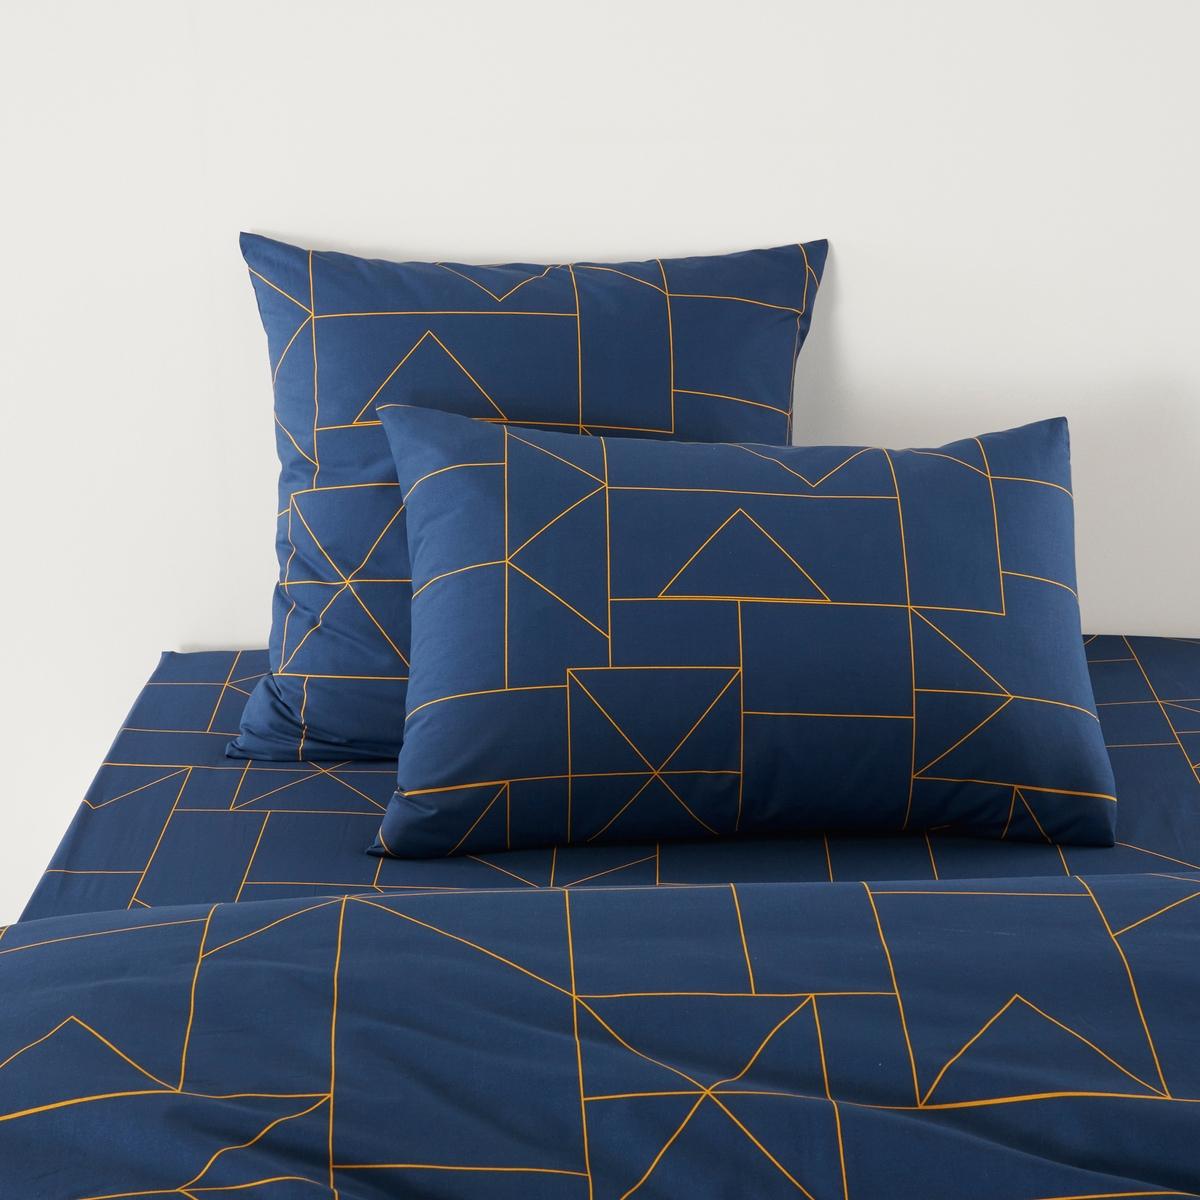 Наволочка La Redoute DWIGHT 63 x 63 см синий наволочка la redoute flooch 50 x 30 см бежевый